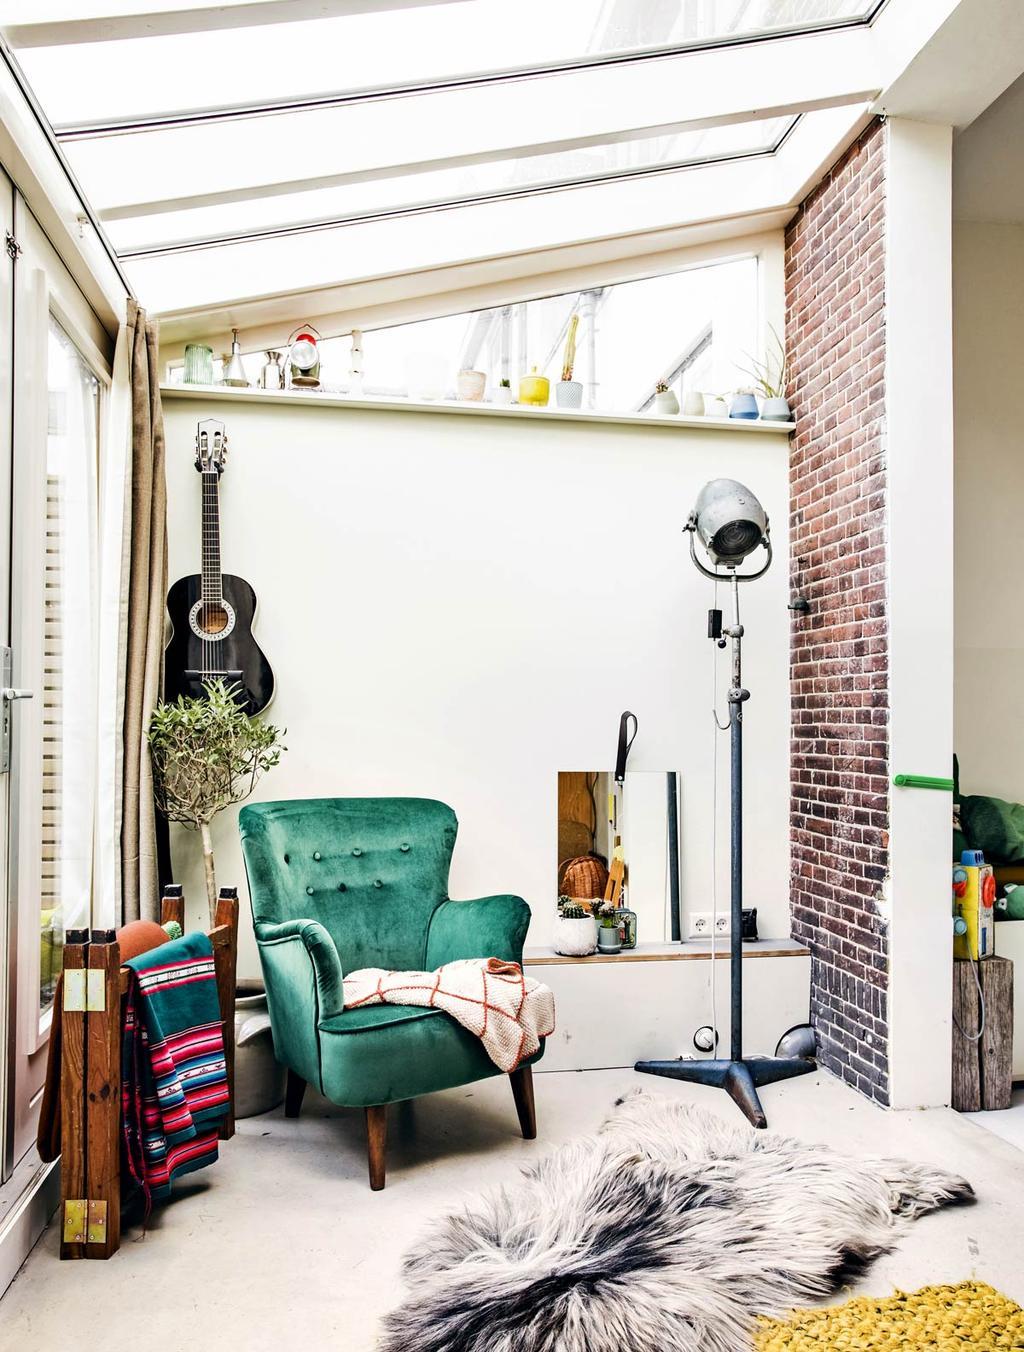 Groene stoel in aanbouw